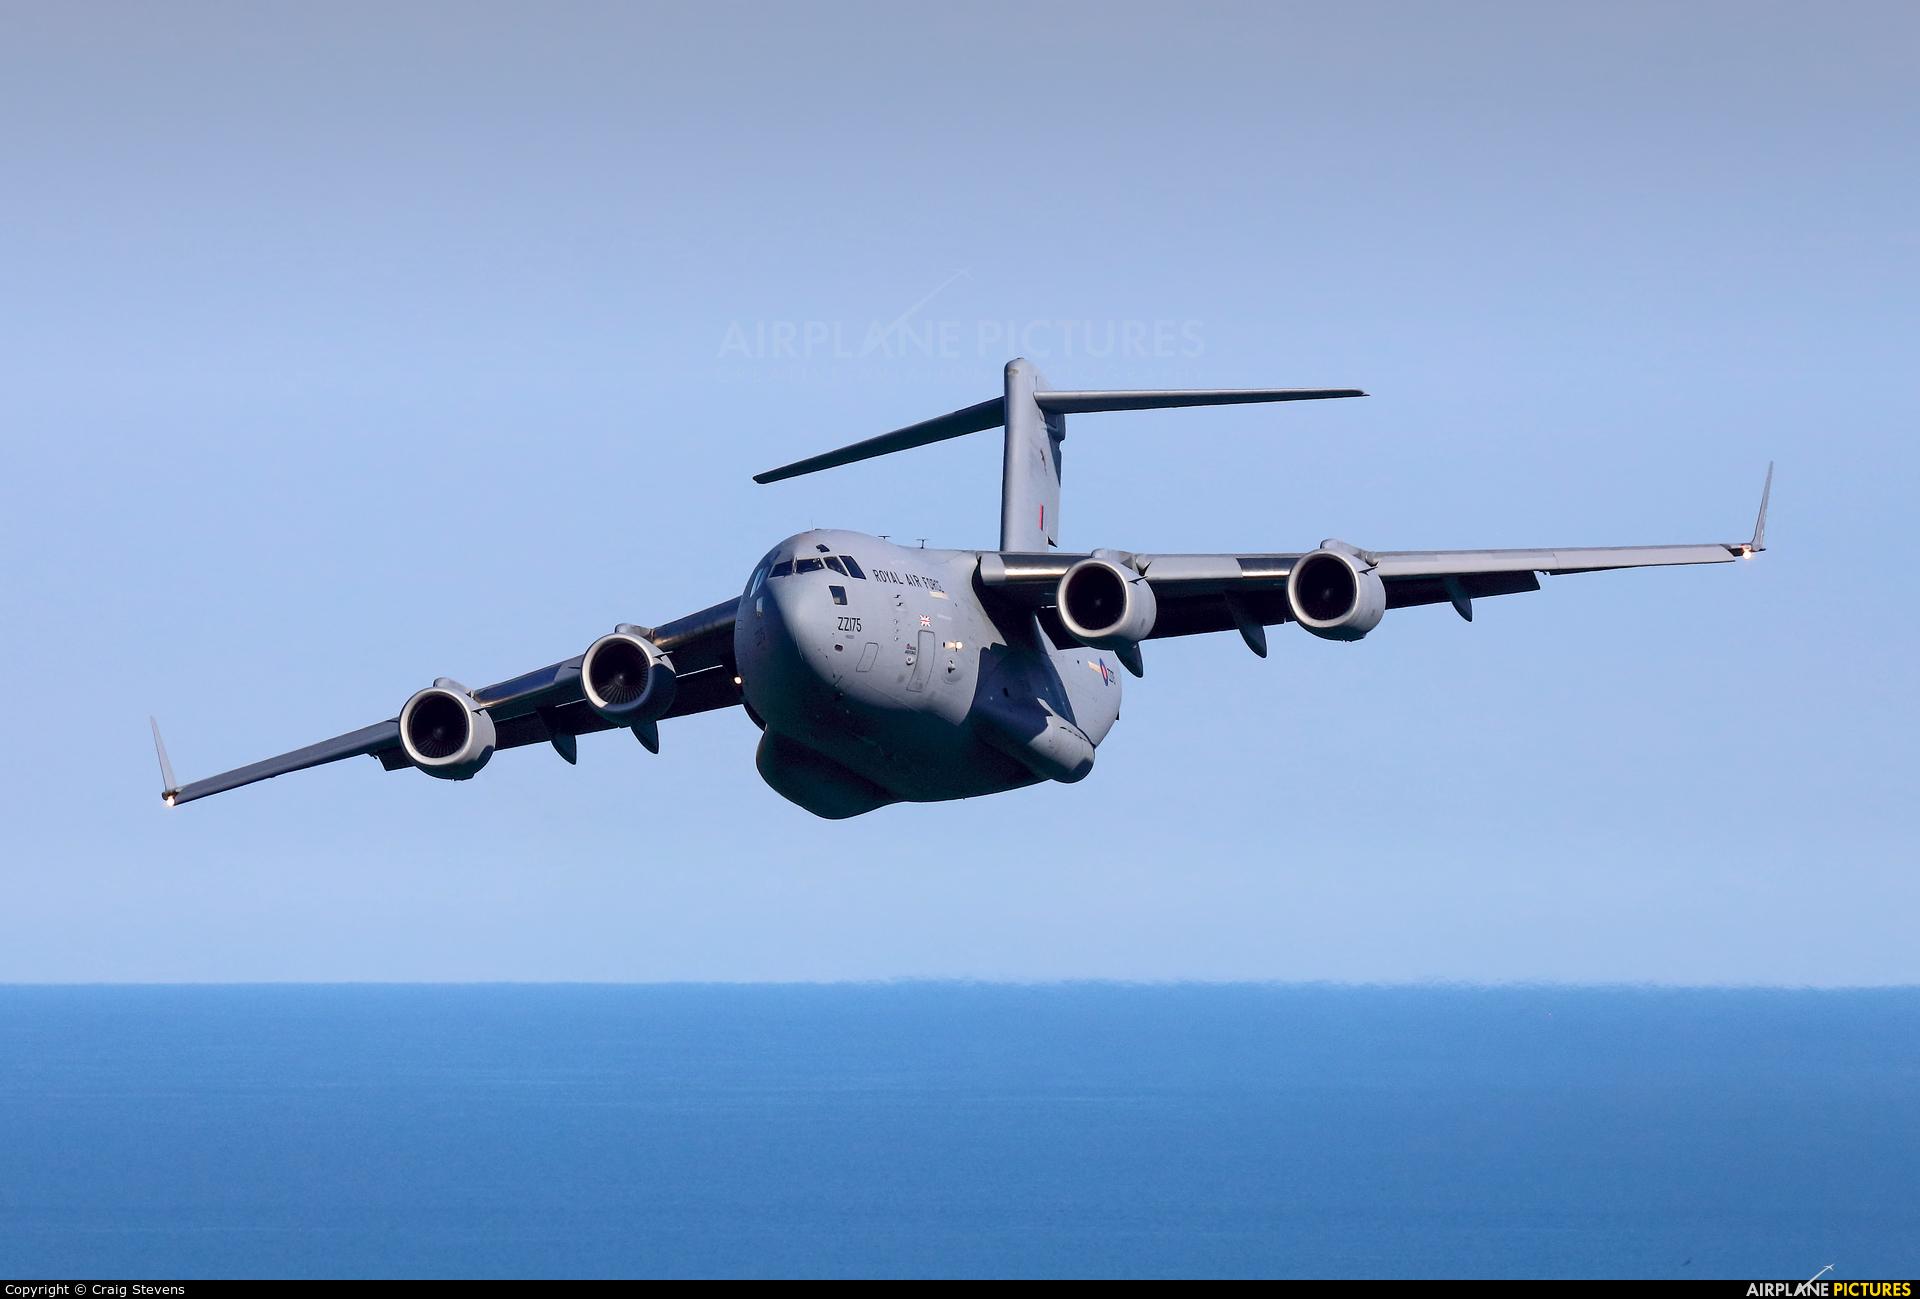 Royal Air Force ZZ175 aircraft at Dartmouth